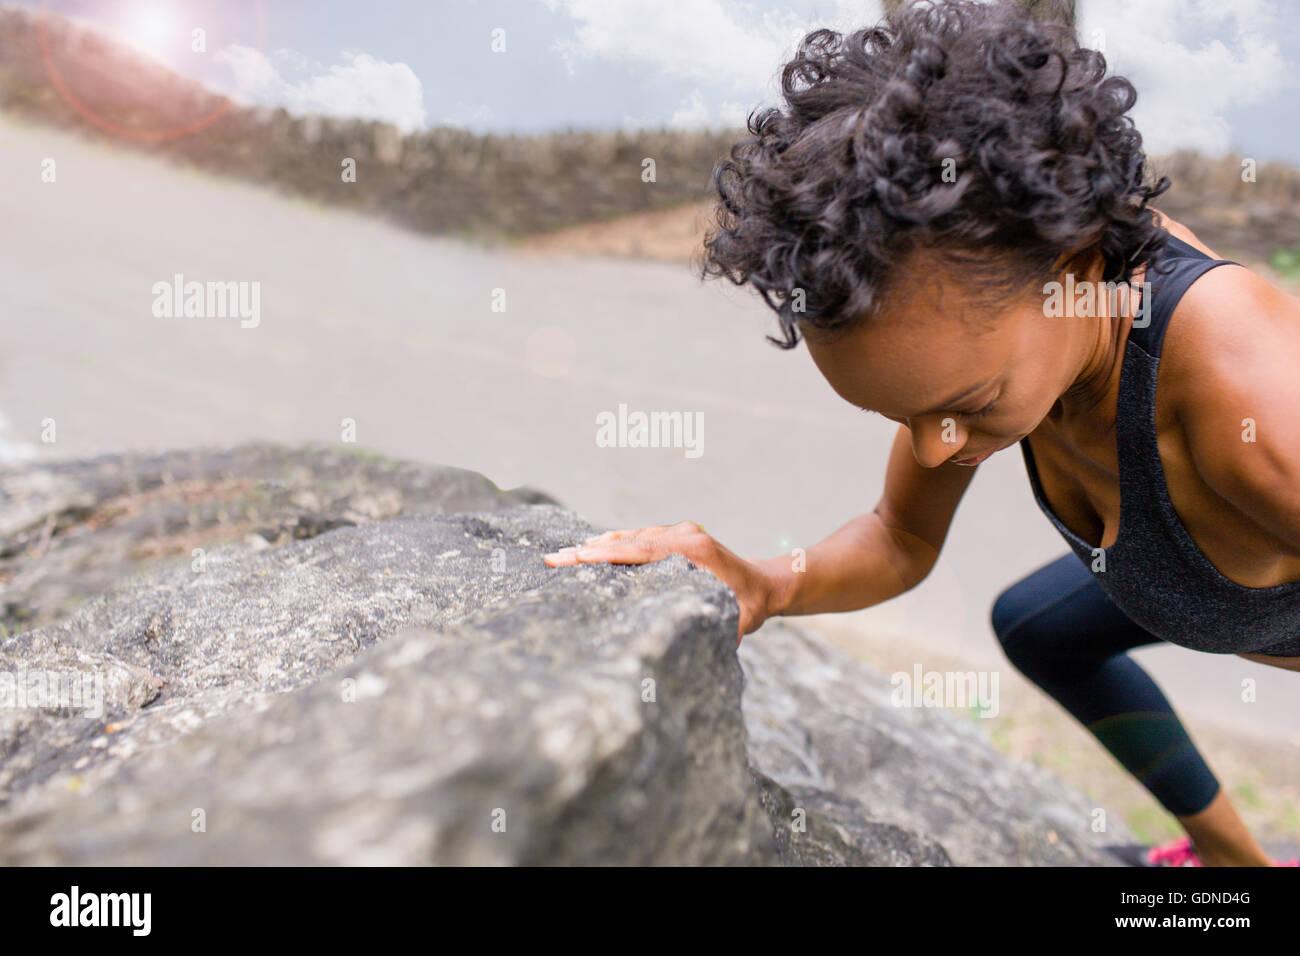 Frau auf Felsen klettern Stockbild